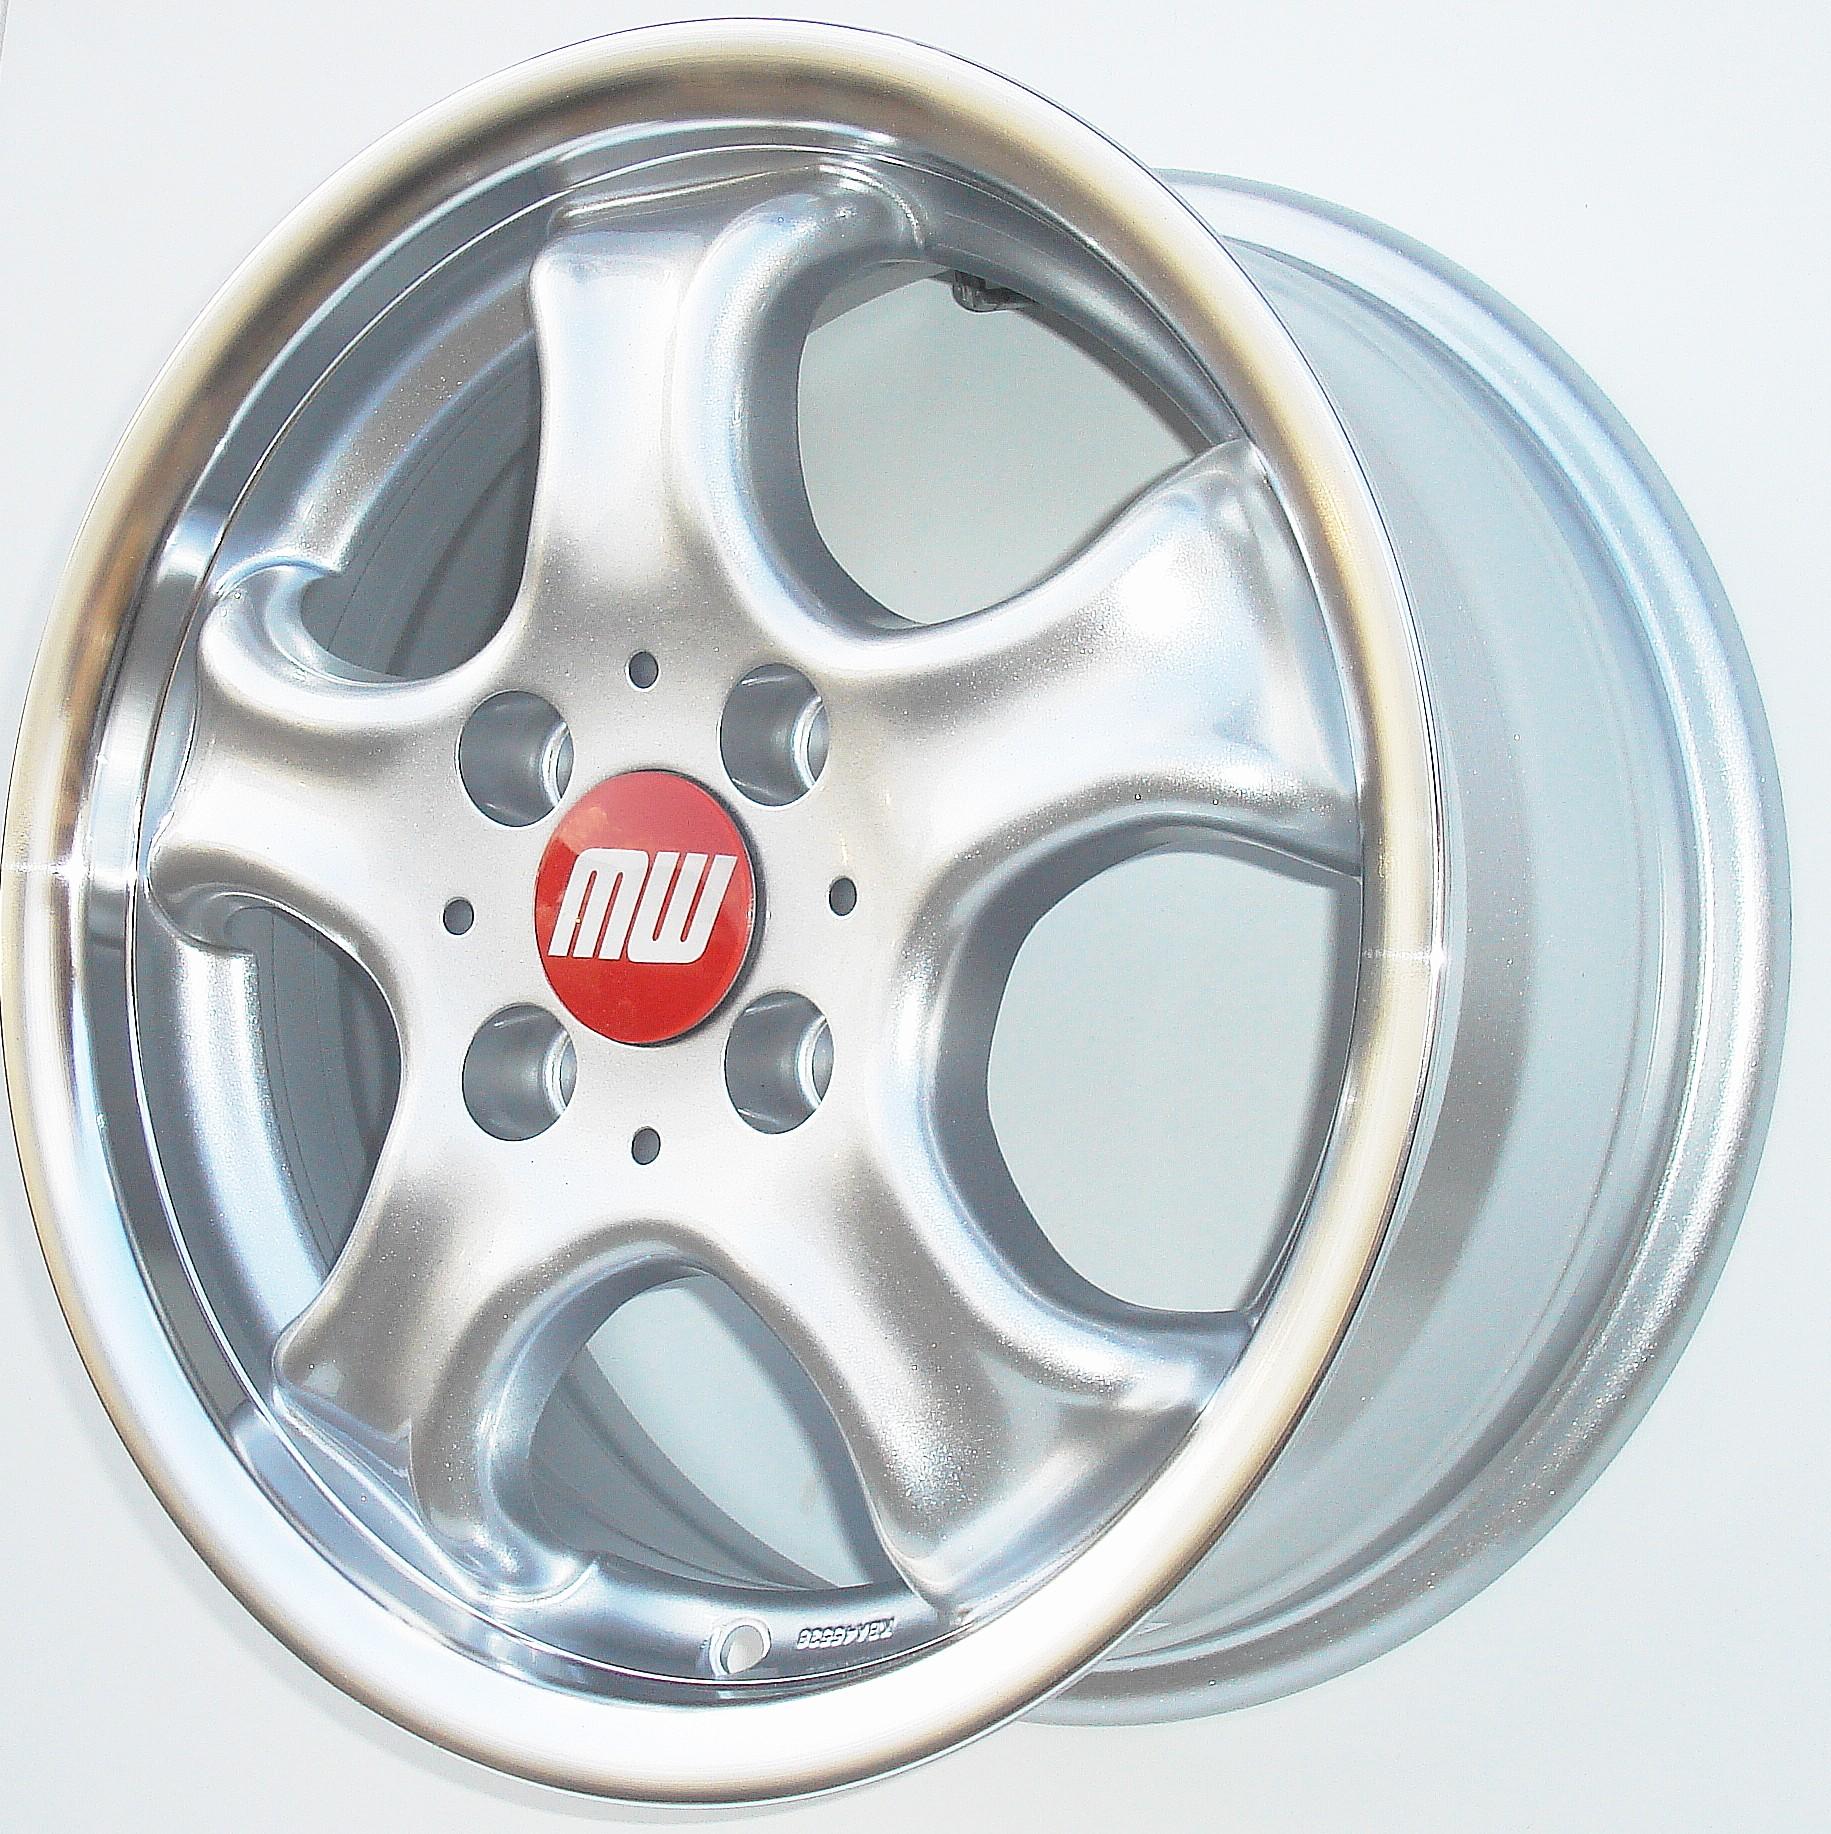 CUP-Rad 5,5X13 4/100 ET38 silber metallic/hornkopiert - zulässige Reifengrössen:  155/65R13, 165/60R13,  175/50R13 mit ABE/Teilegutachten